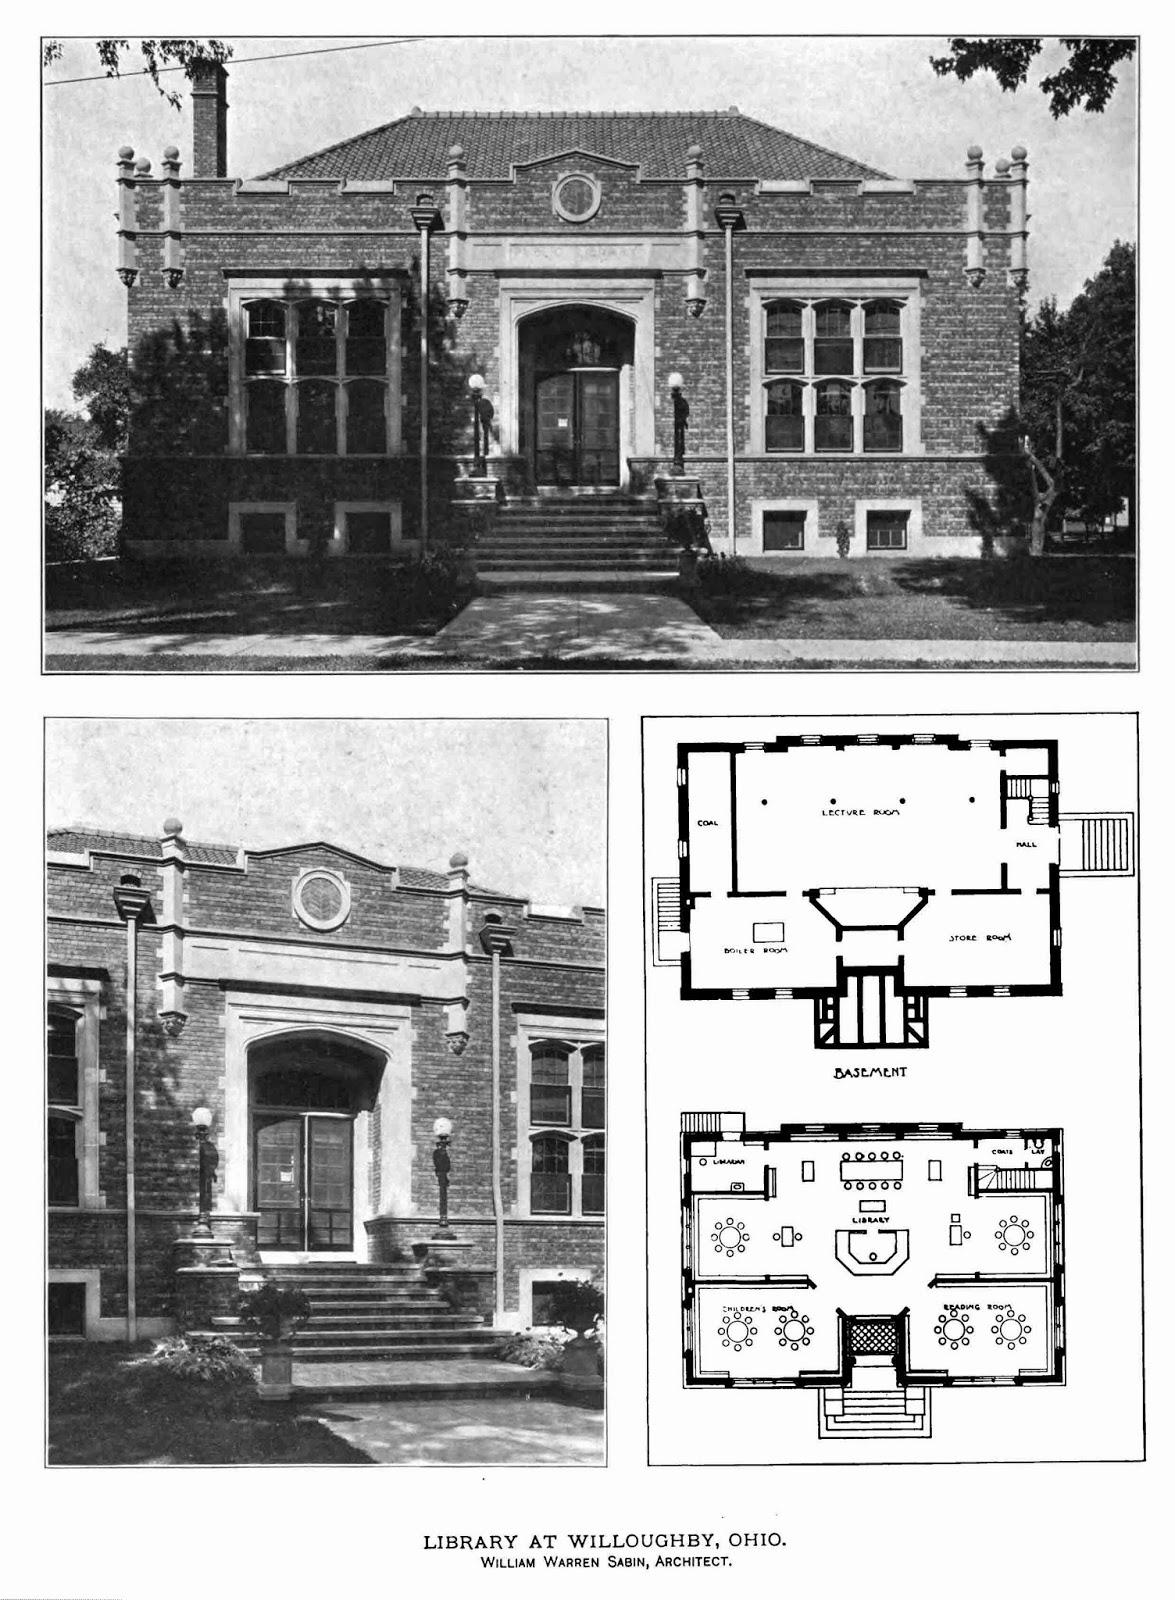 Classic American Domestic Architecture